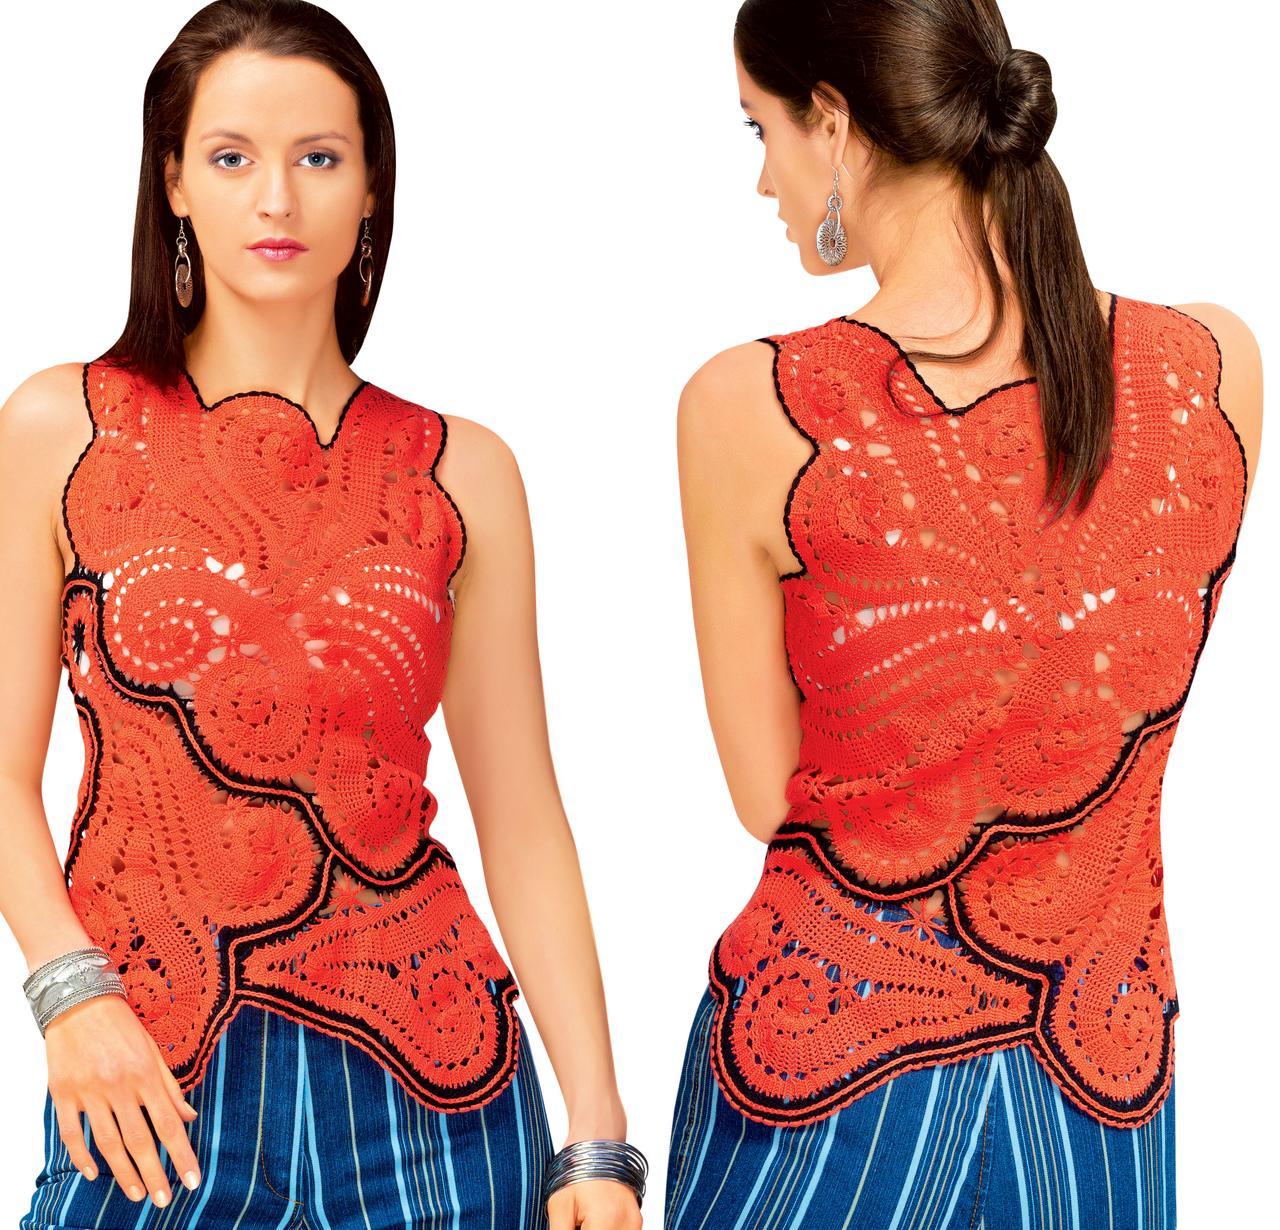 Червона Блуза з чорною обробкою в техніці брюггского мережива